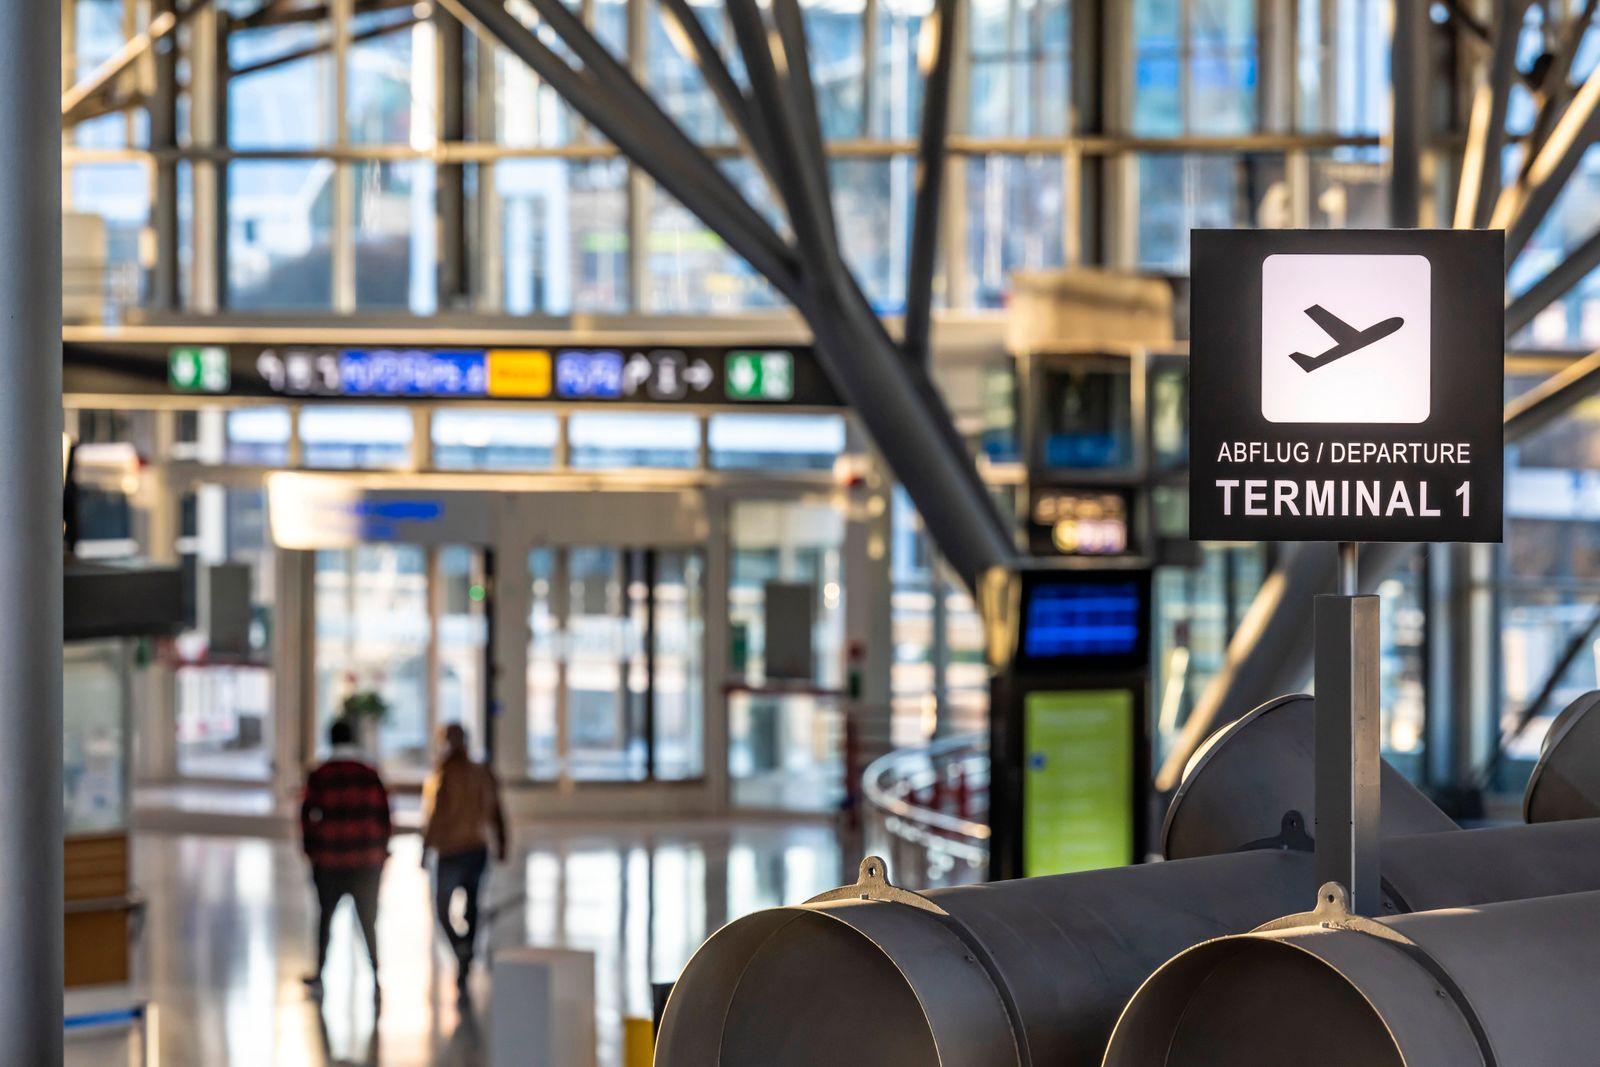 Flughafen Stuttgart in Zeiten der Corona-Pandemie. Der Flugplan ist drastisch ausgedünnt, der Flugbetrieb ist imTermina